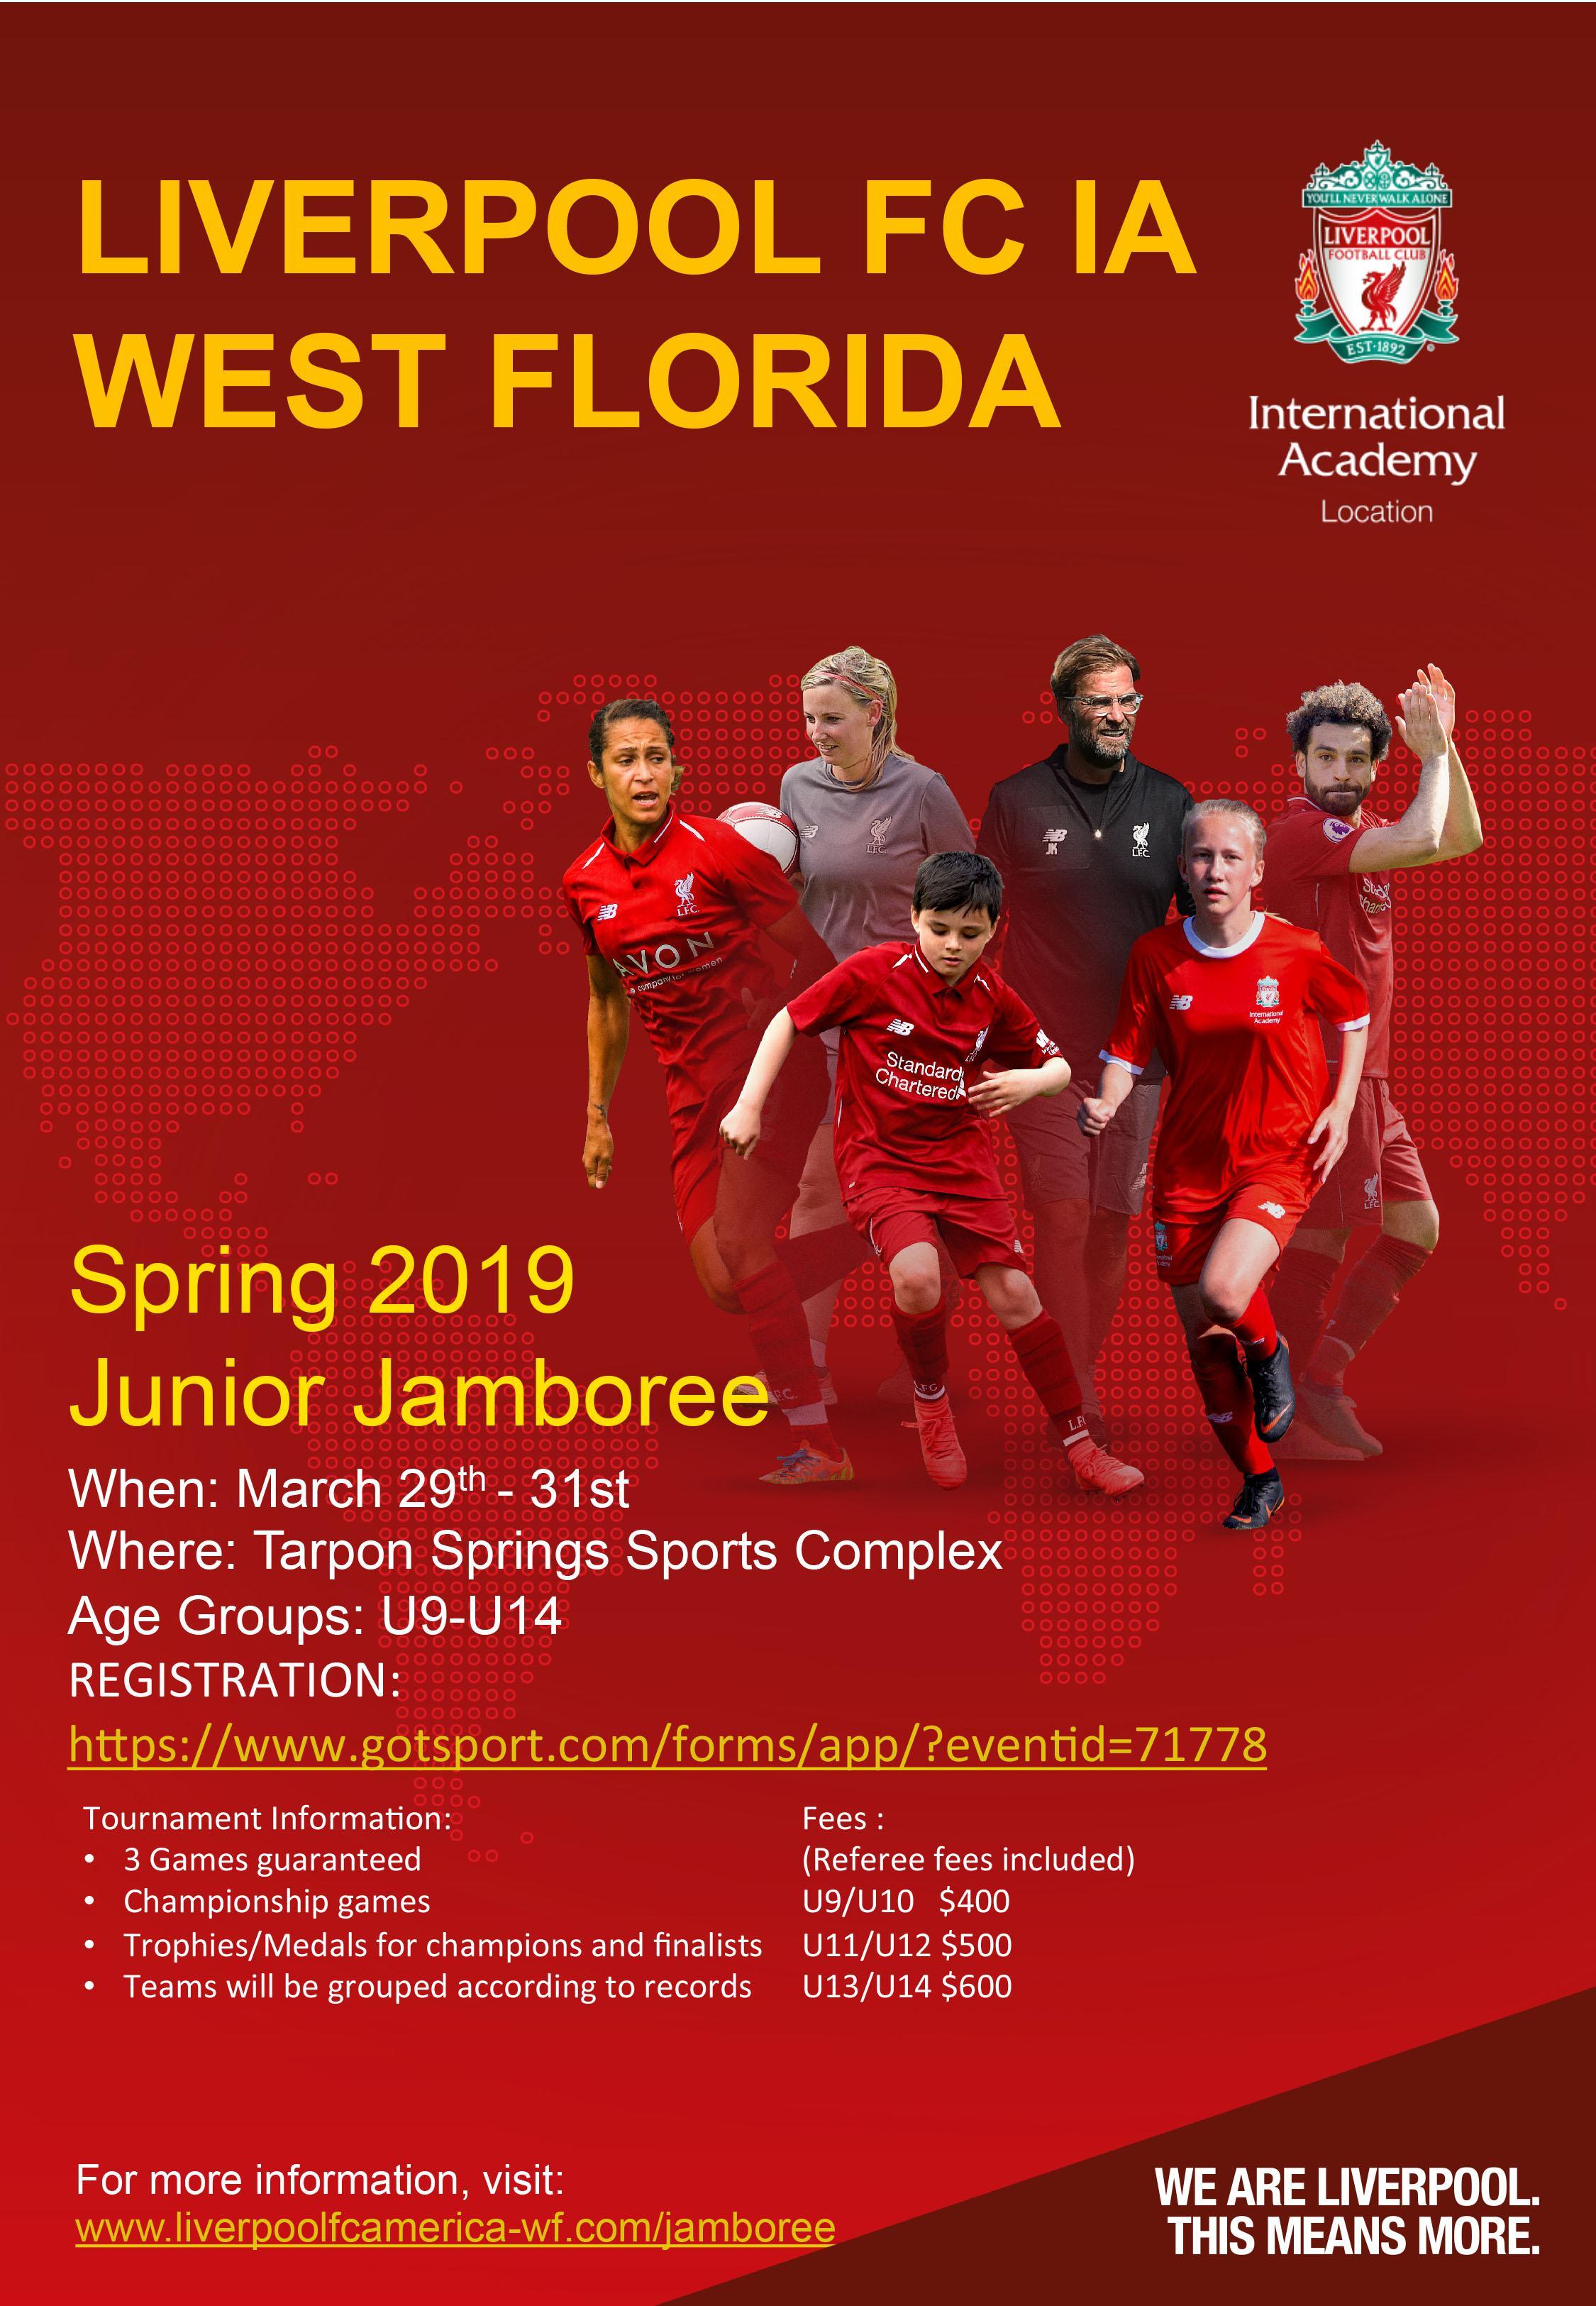 2019 LFC Junior Jamboree